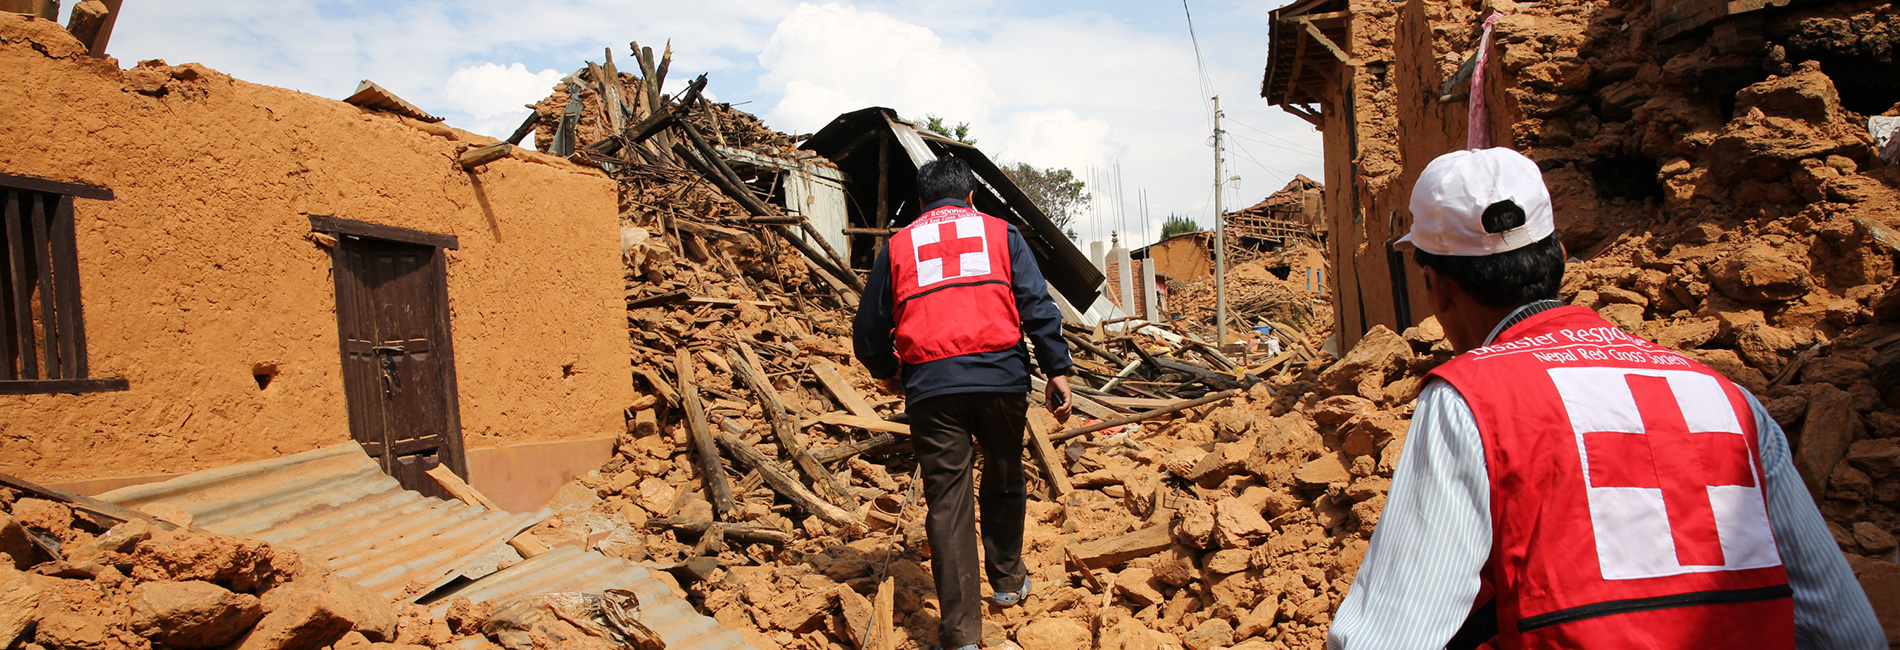 Foto: Nepalesische Rotkreuzhelfer laufen druch Trümmer.